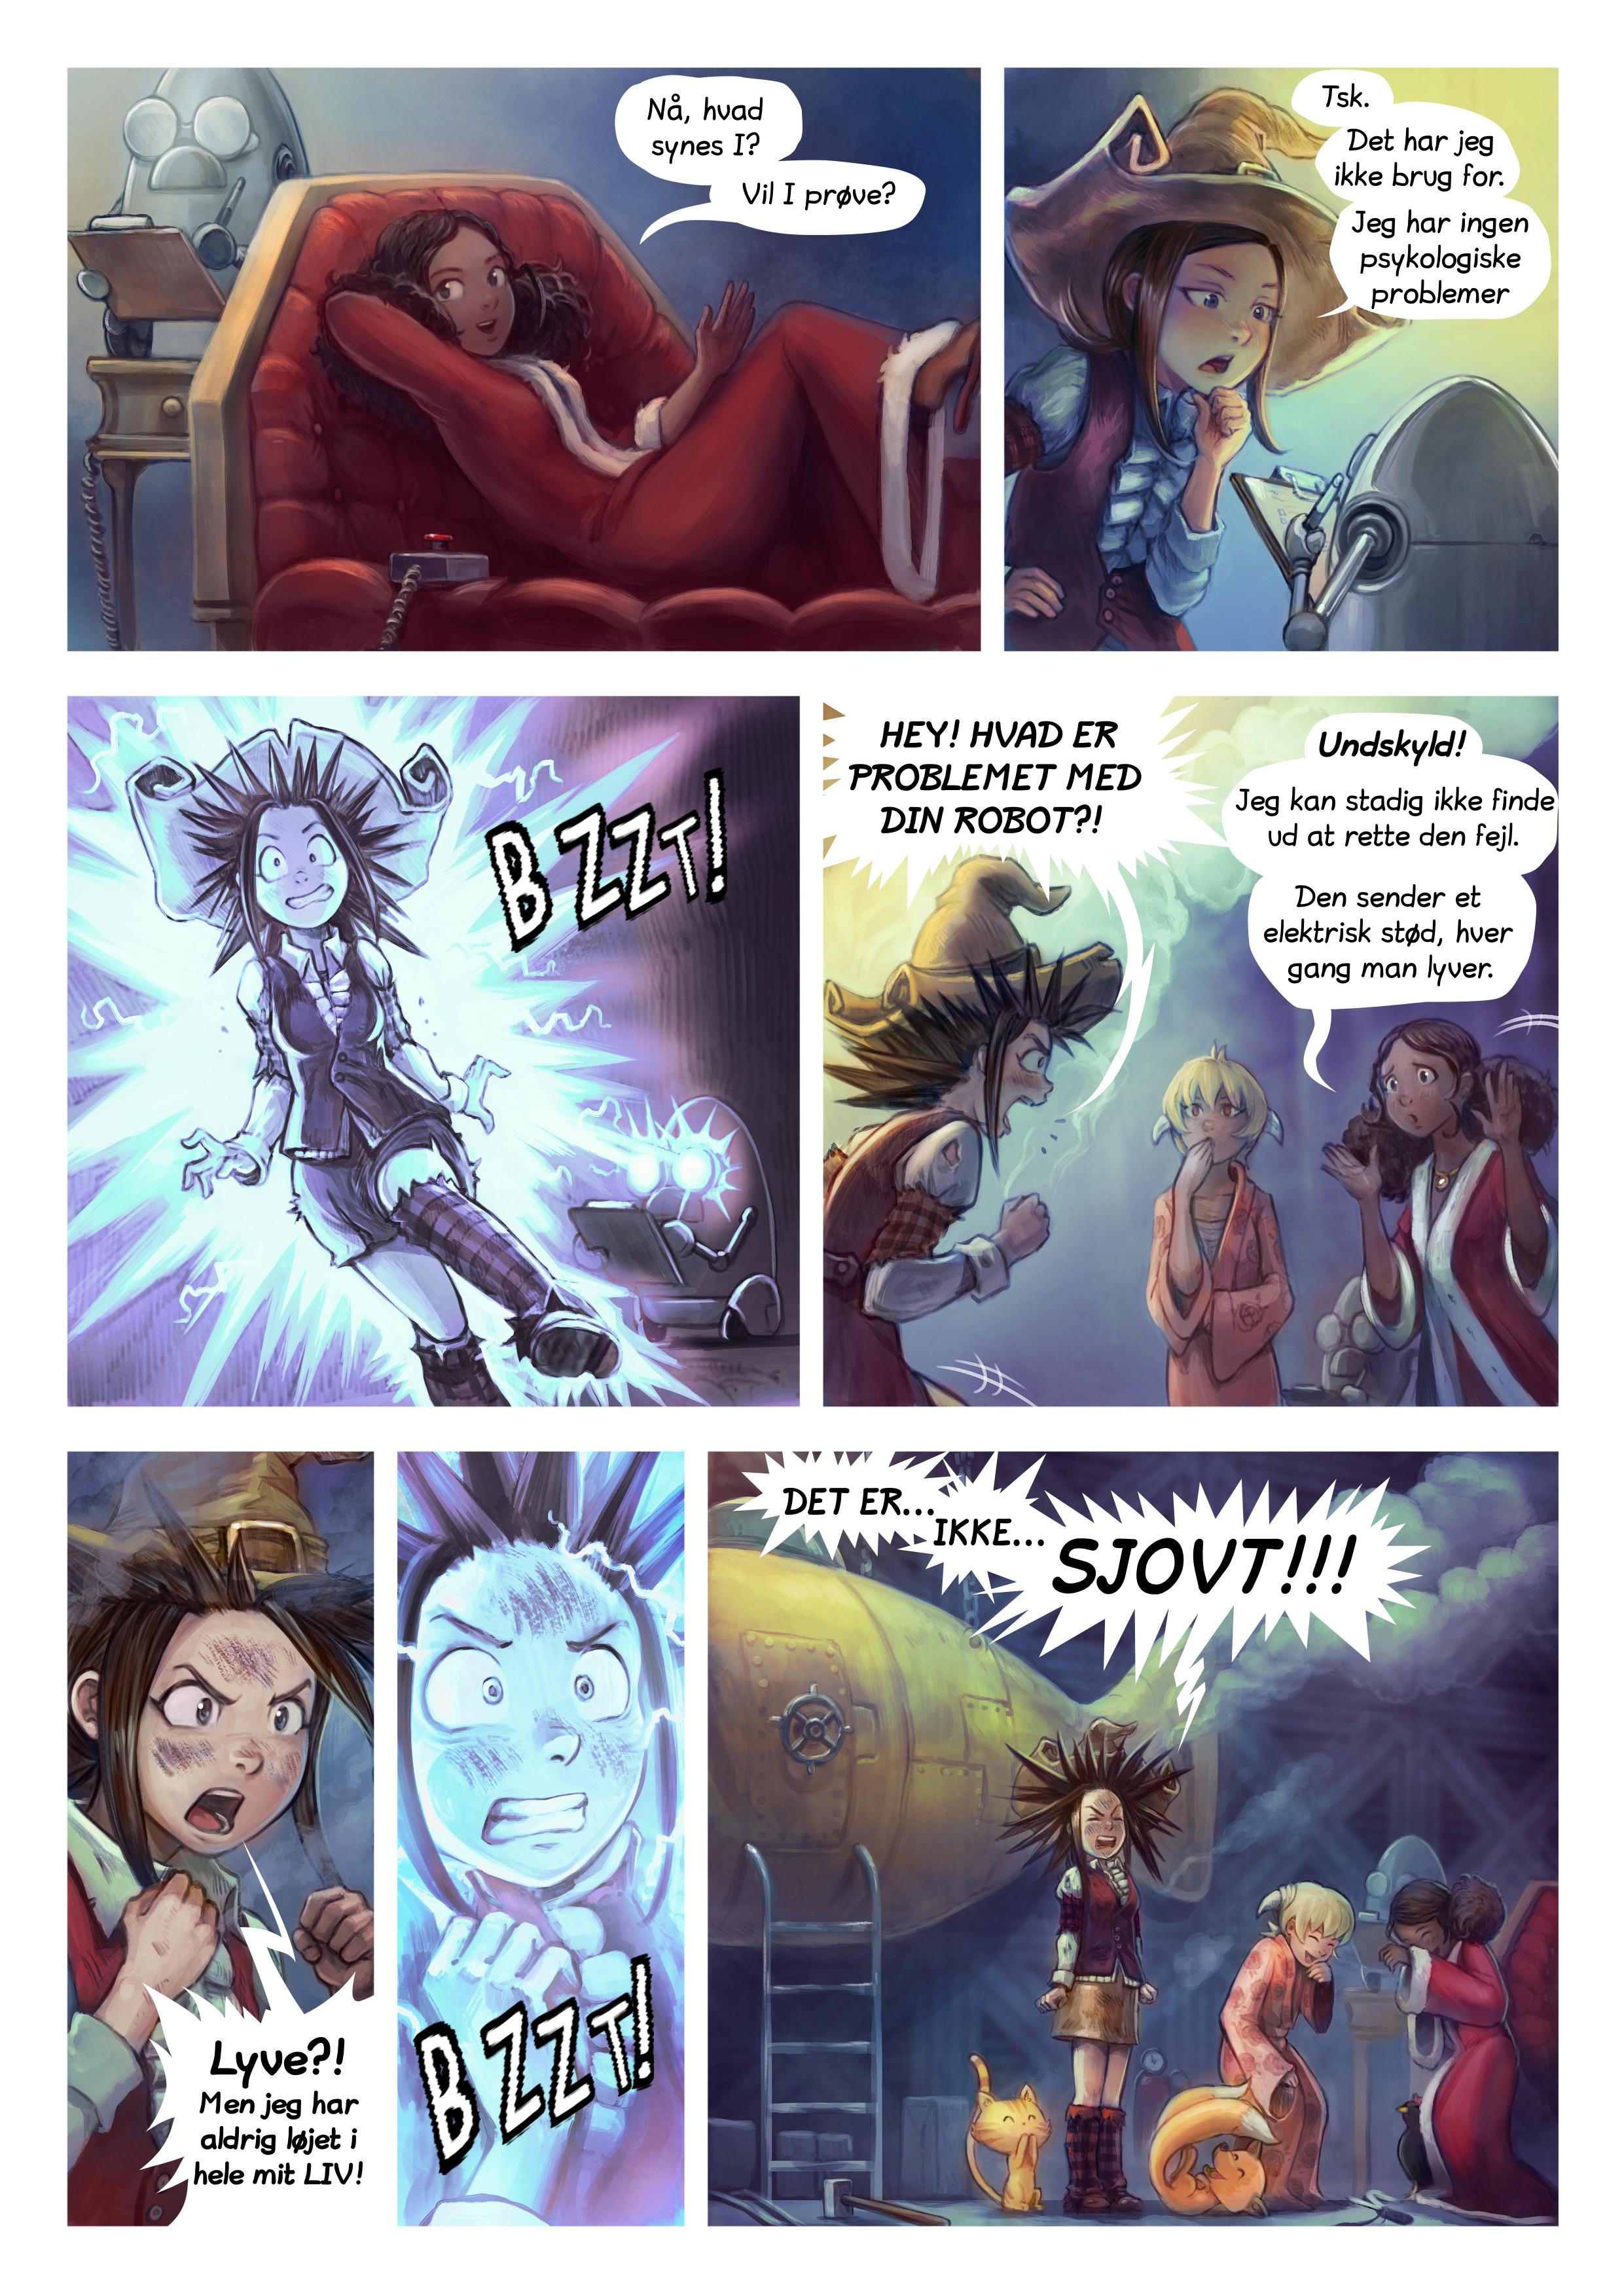 Episode 27: Korianders opfindelse, Page 4